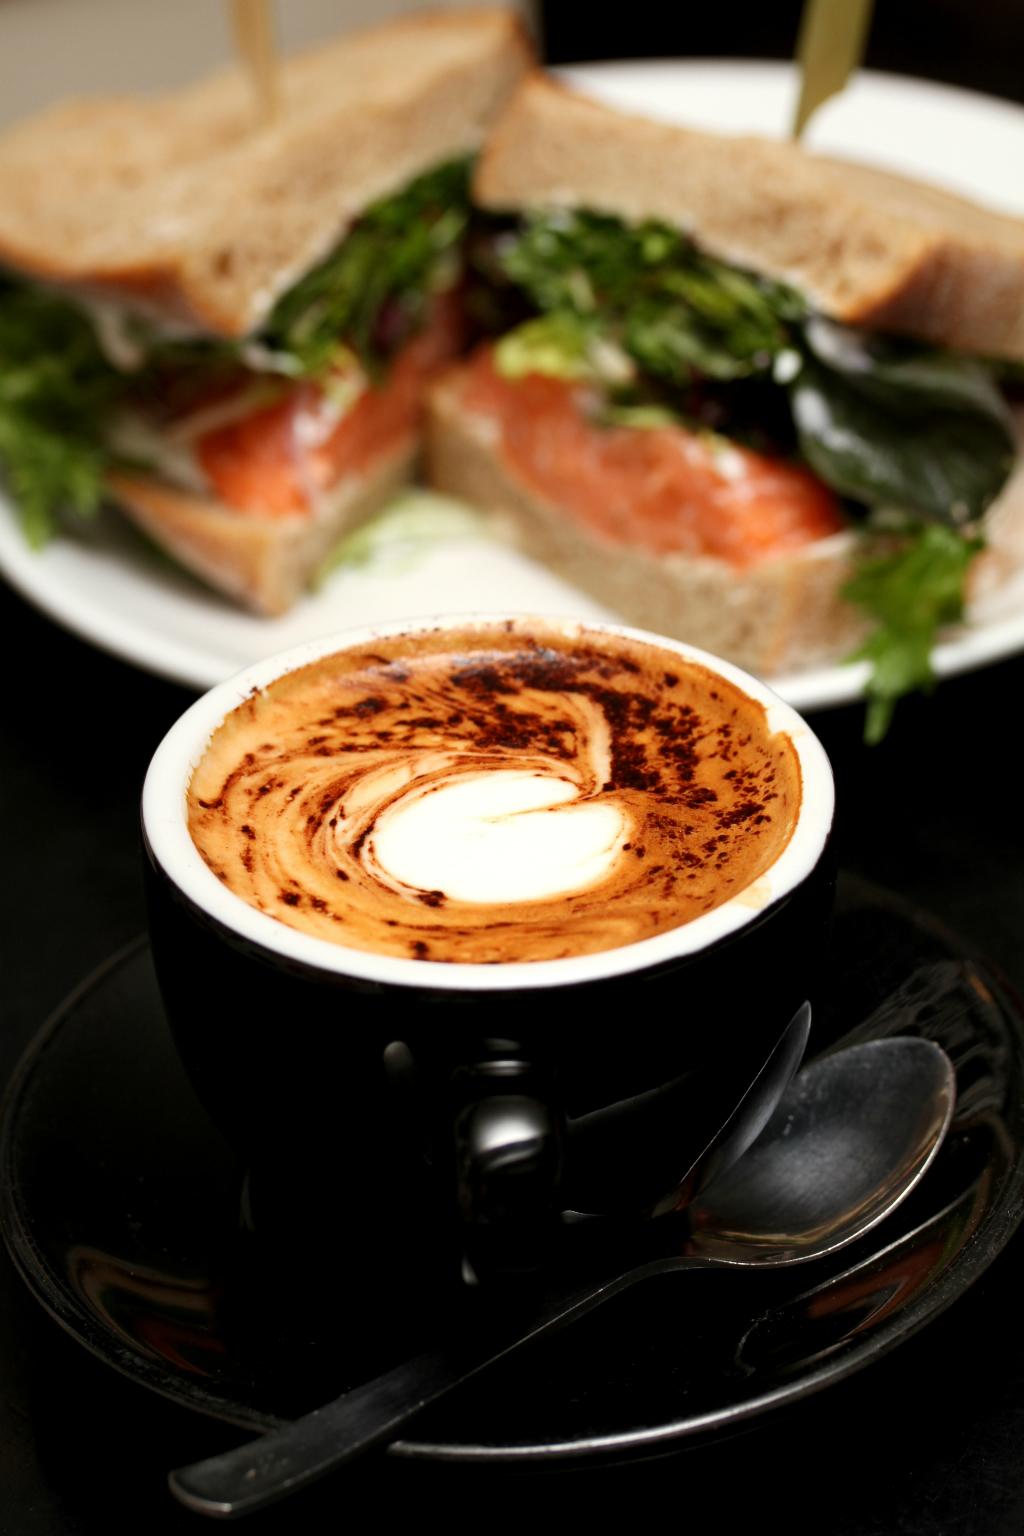 Sarnies @ Telok Ayer Street's cappuccino